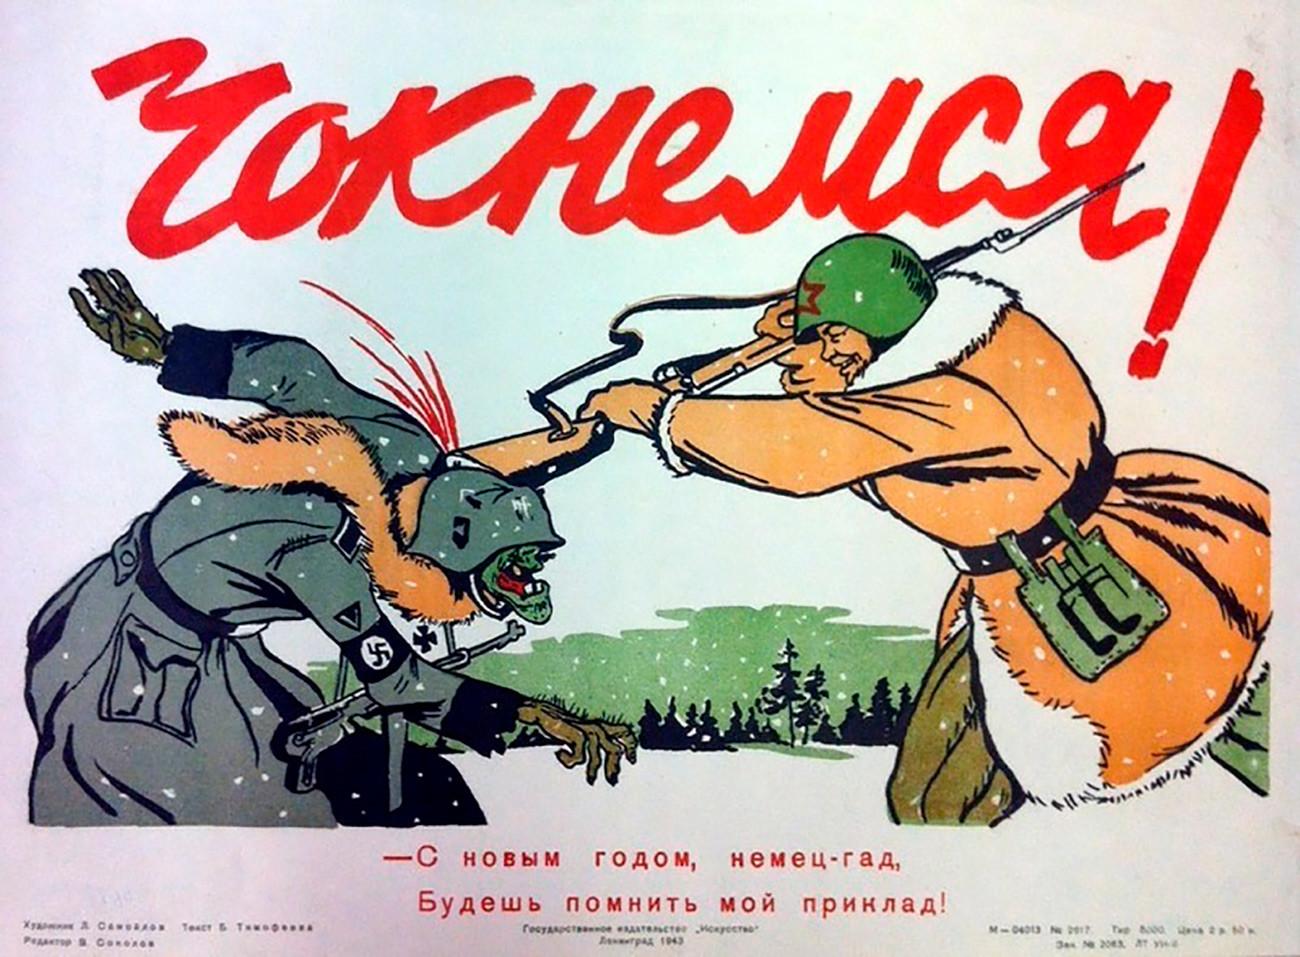 Trinquons ! Bonne année, bâtard allemand, tu te souviendras de la crosse de mon fusil.